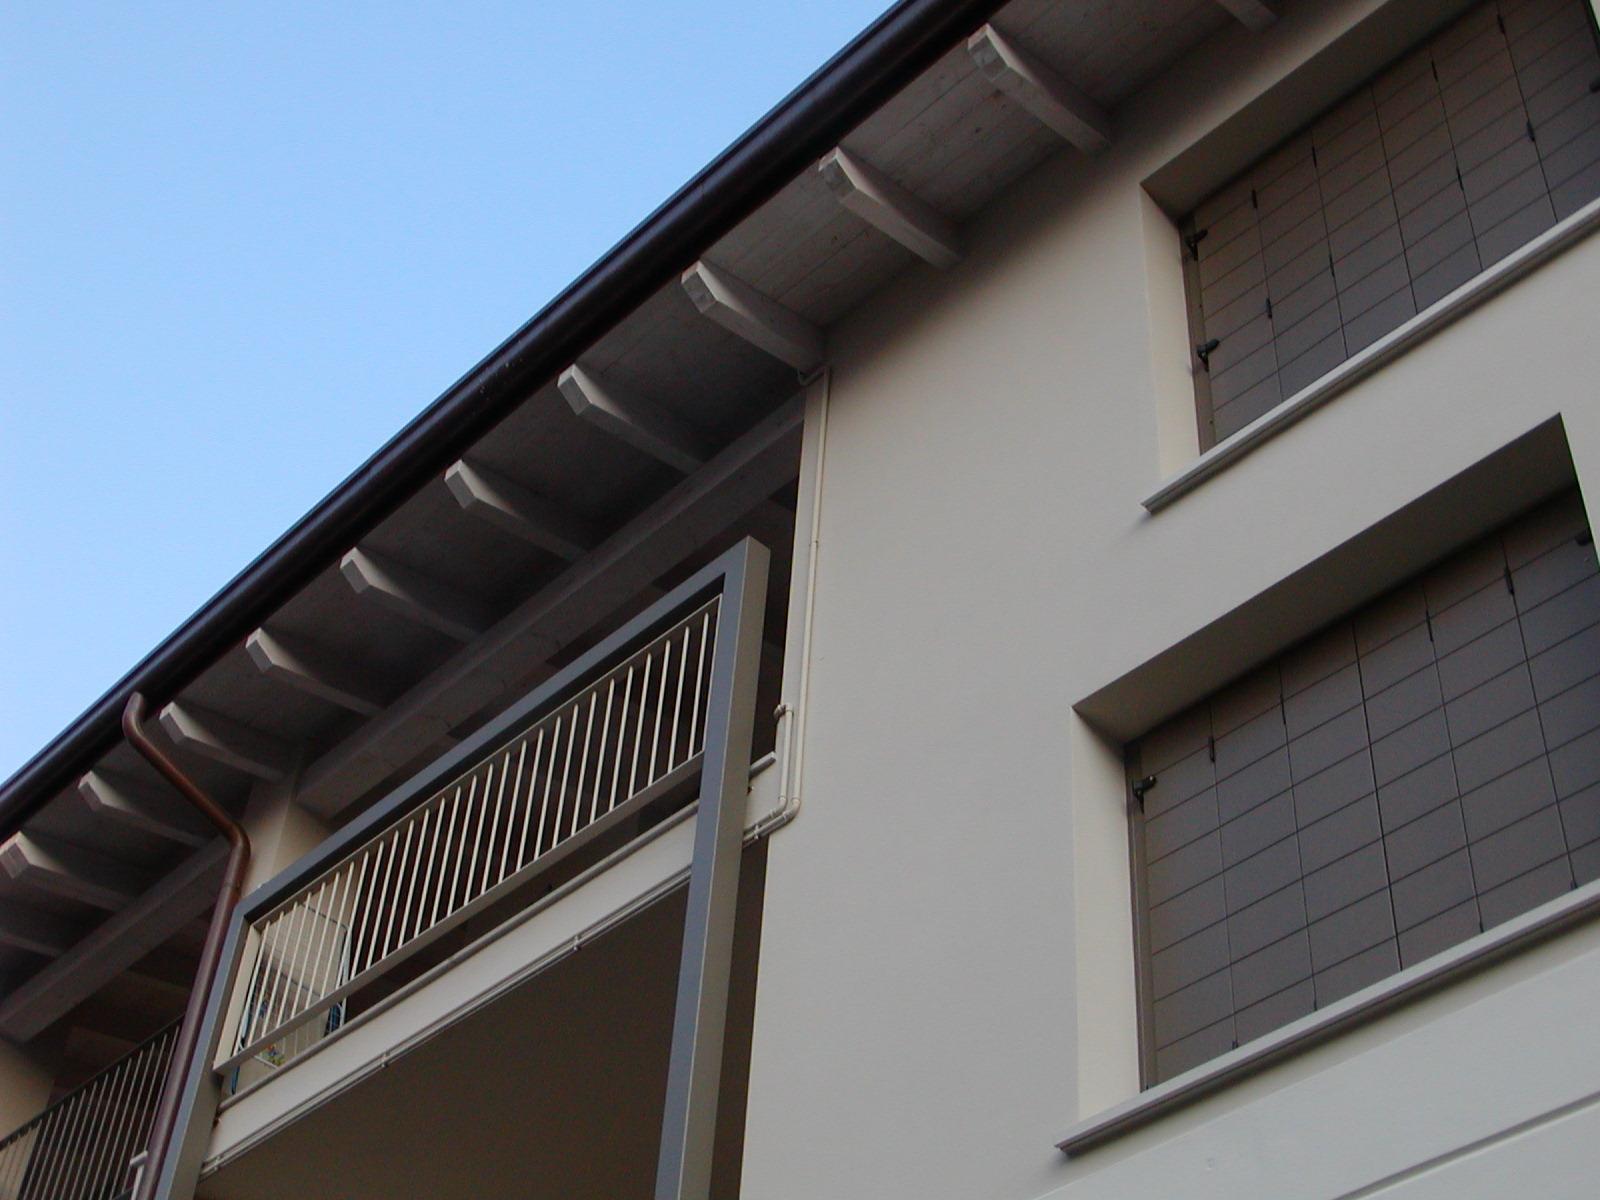 Studio-di-architettura-Baisotti-Sigala-prgetti591